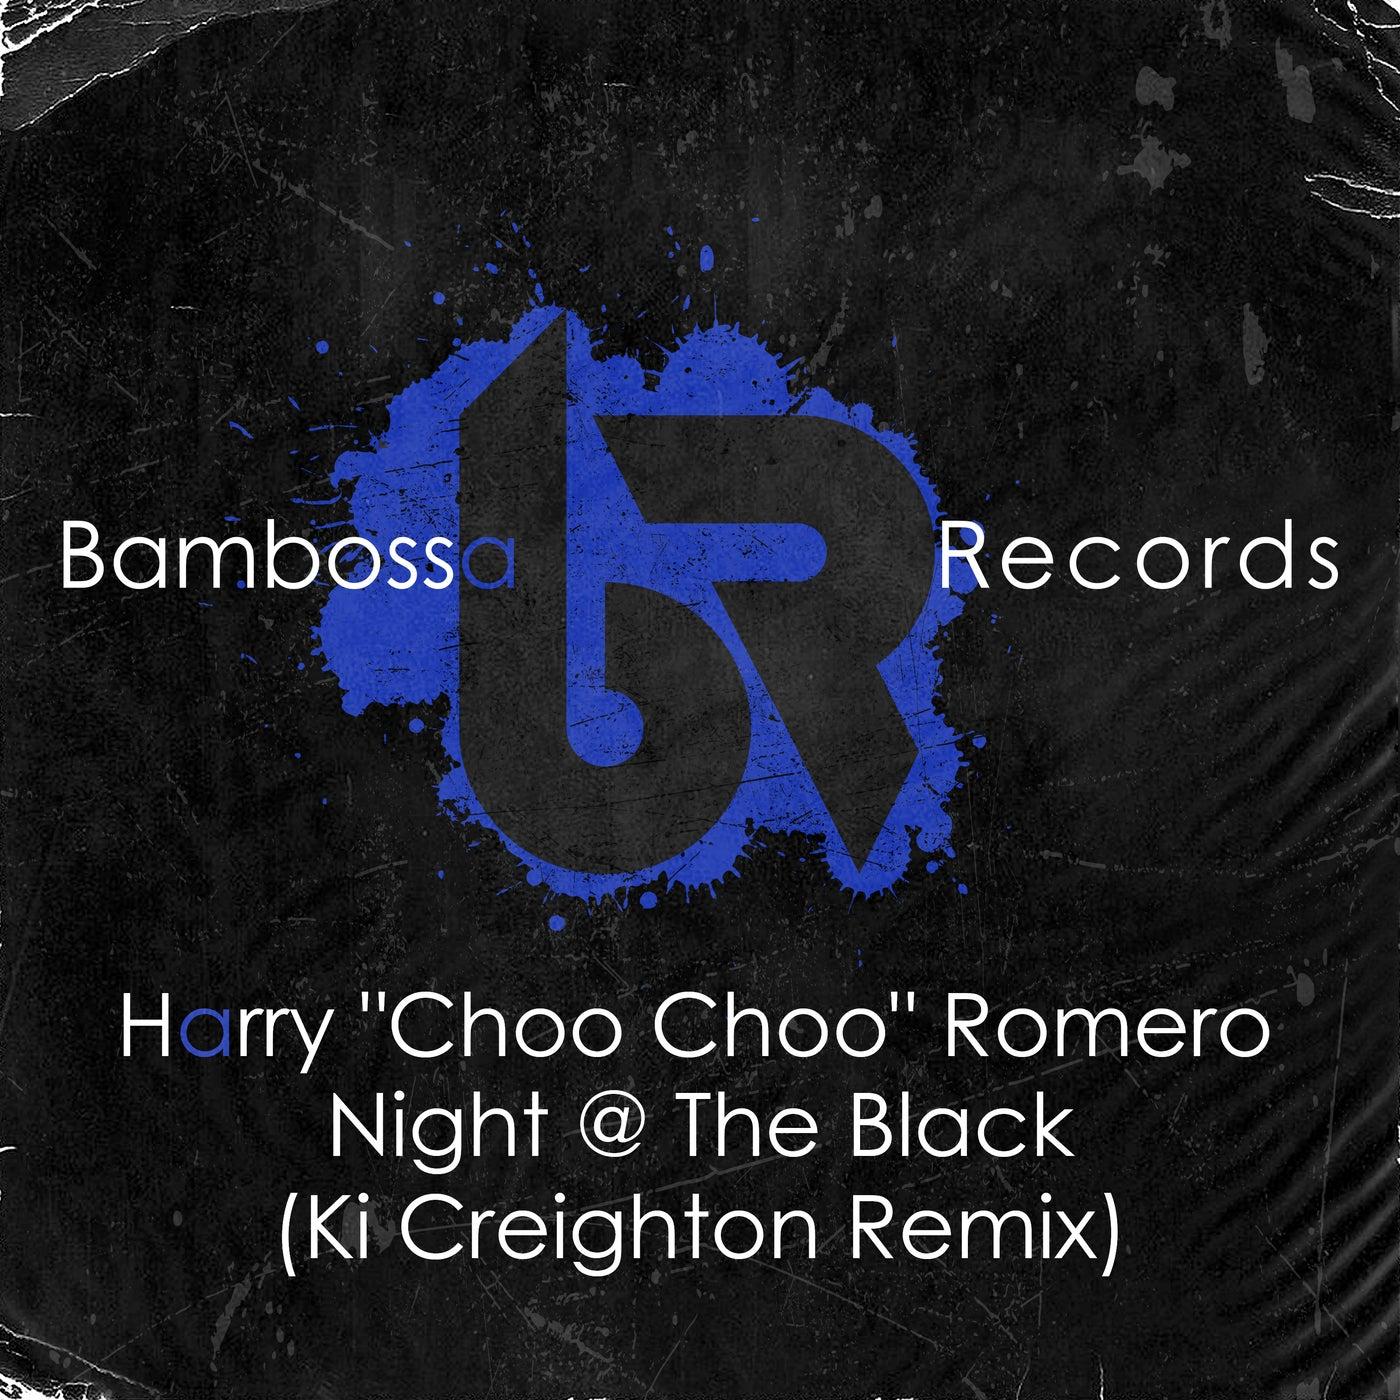 Night @ The Black (Ki Creighton Extended Remix)